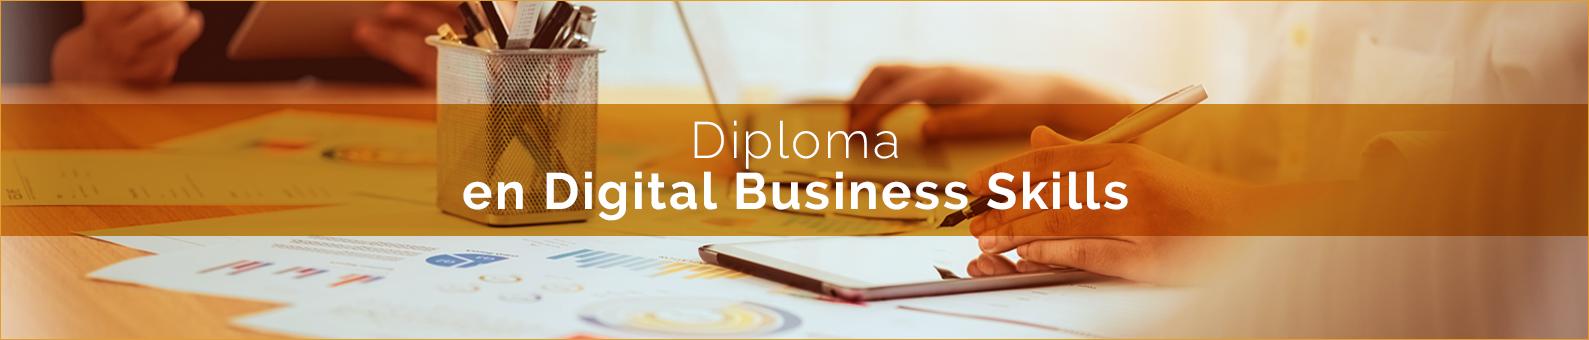 Diploma en Digital Business Skills